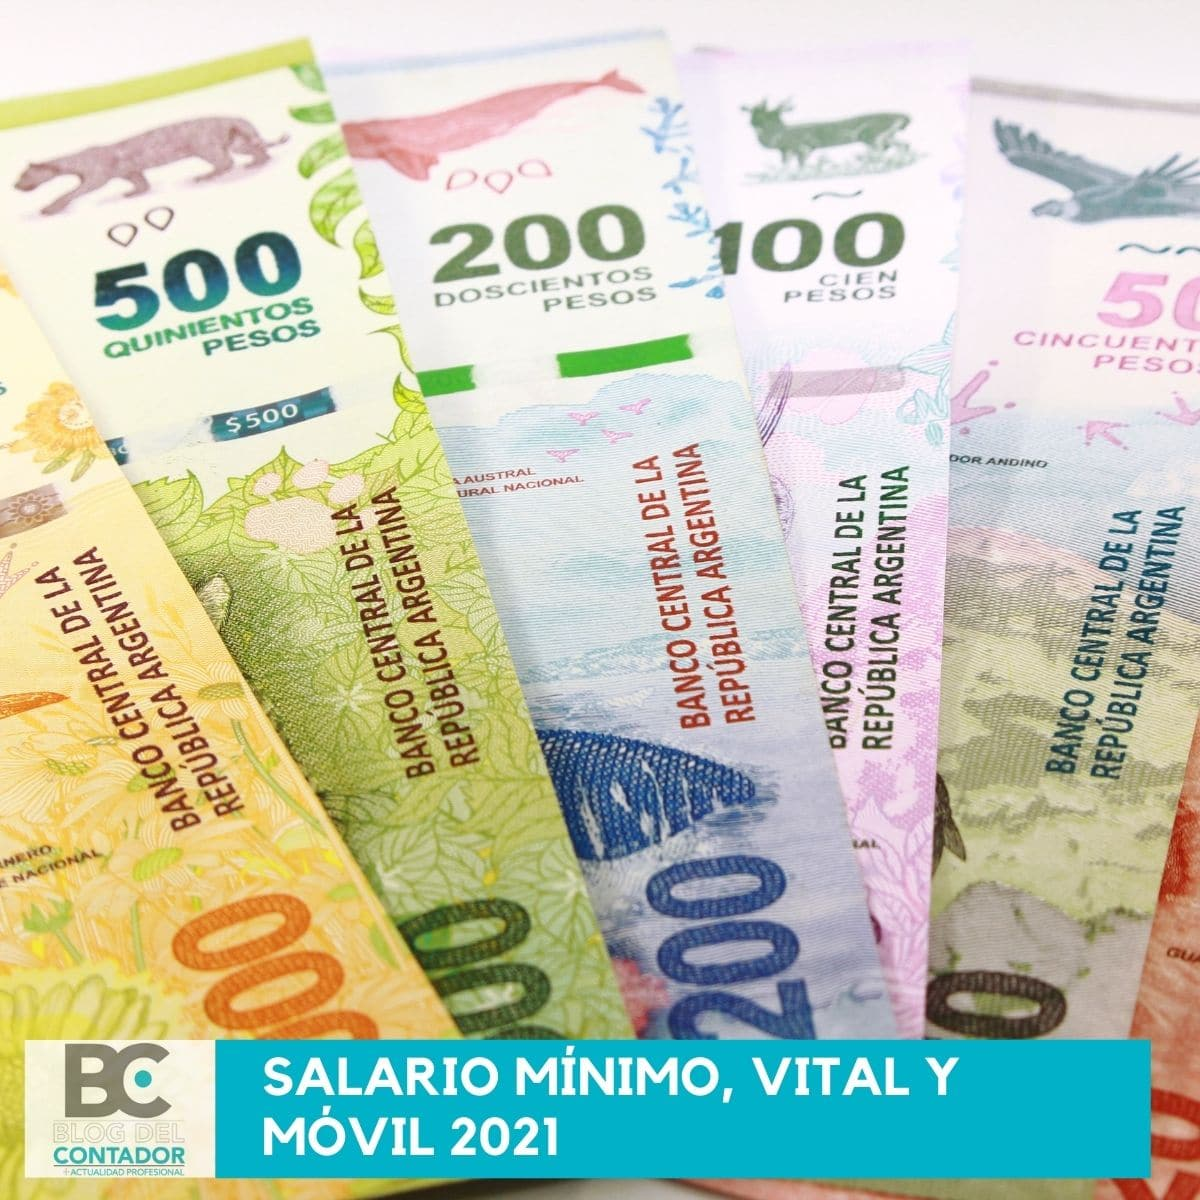 Salario Mínimo, Vital y Móvil 2021